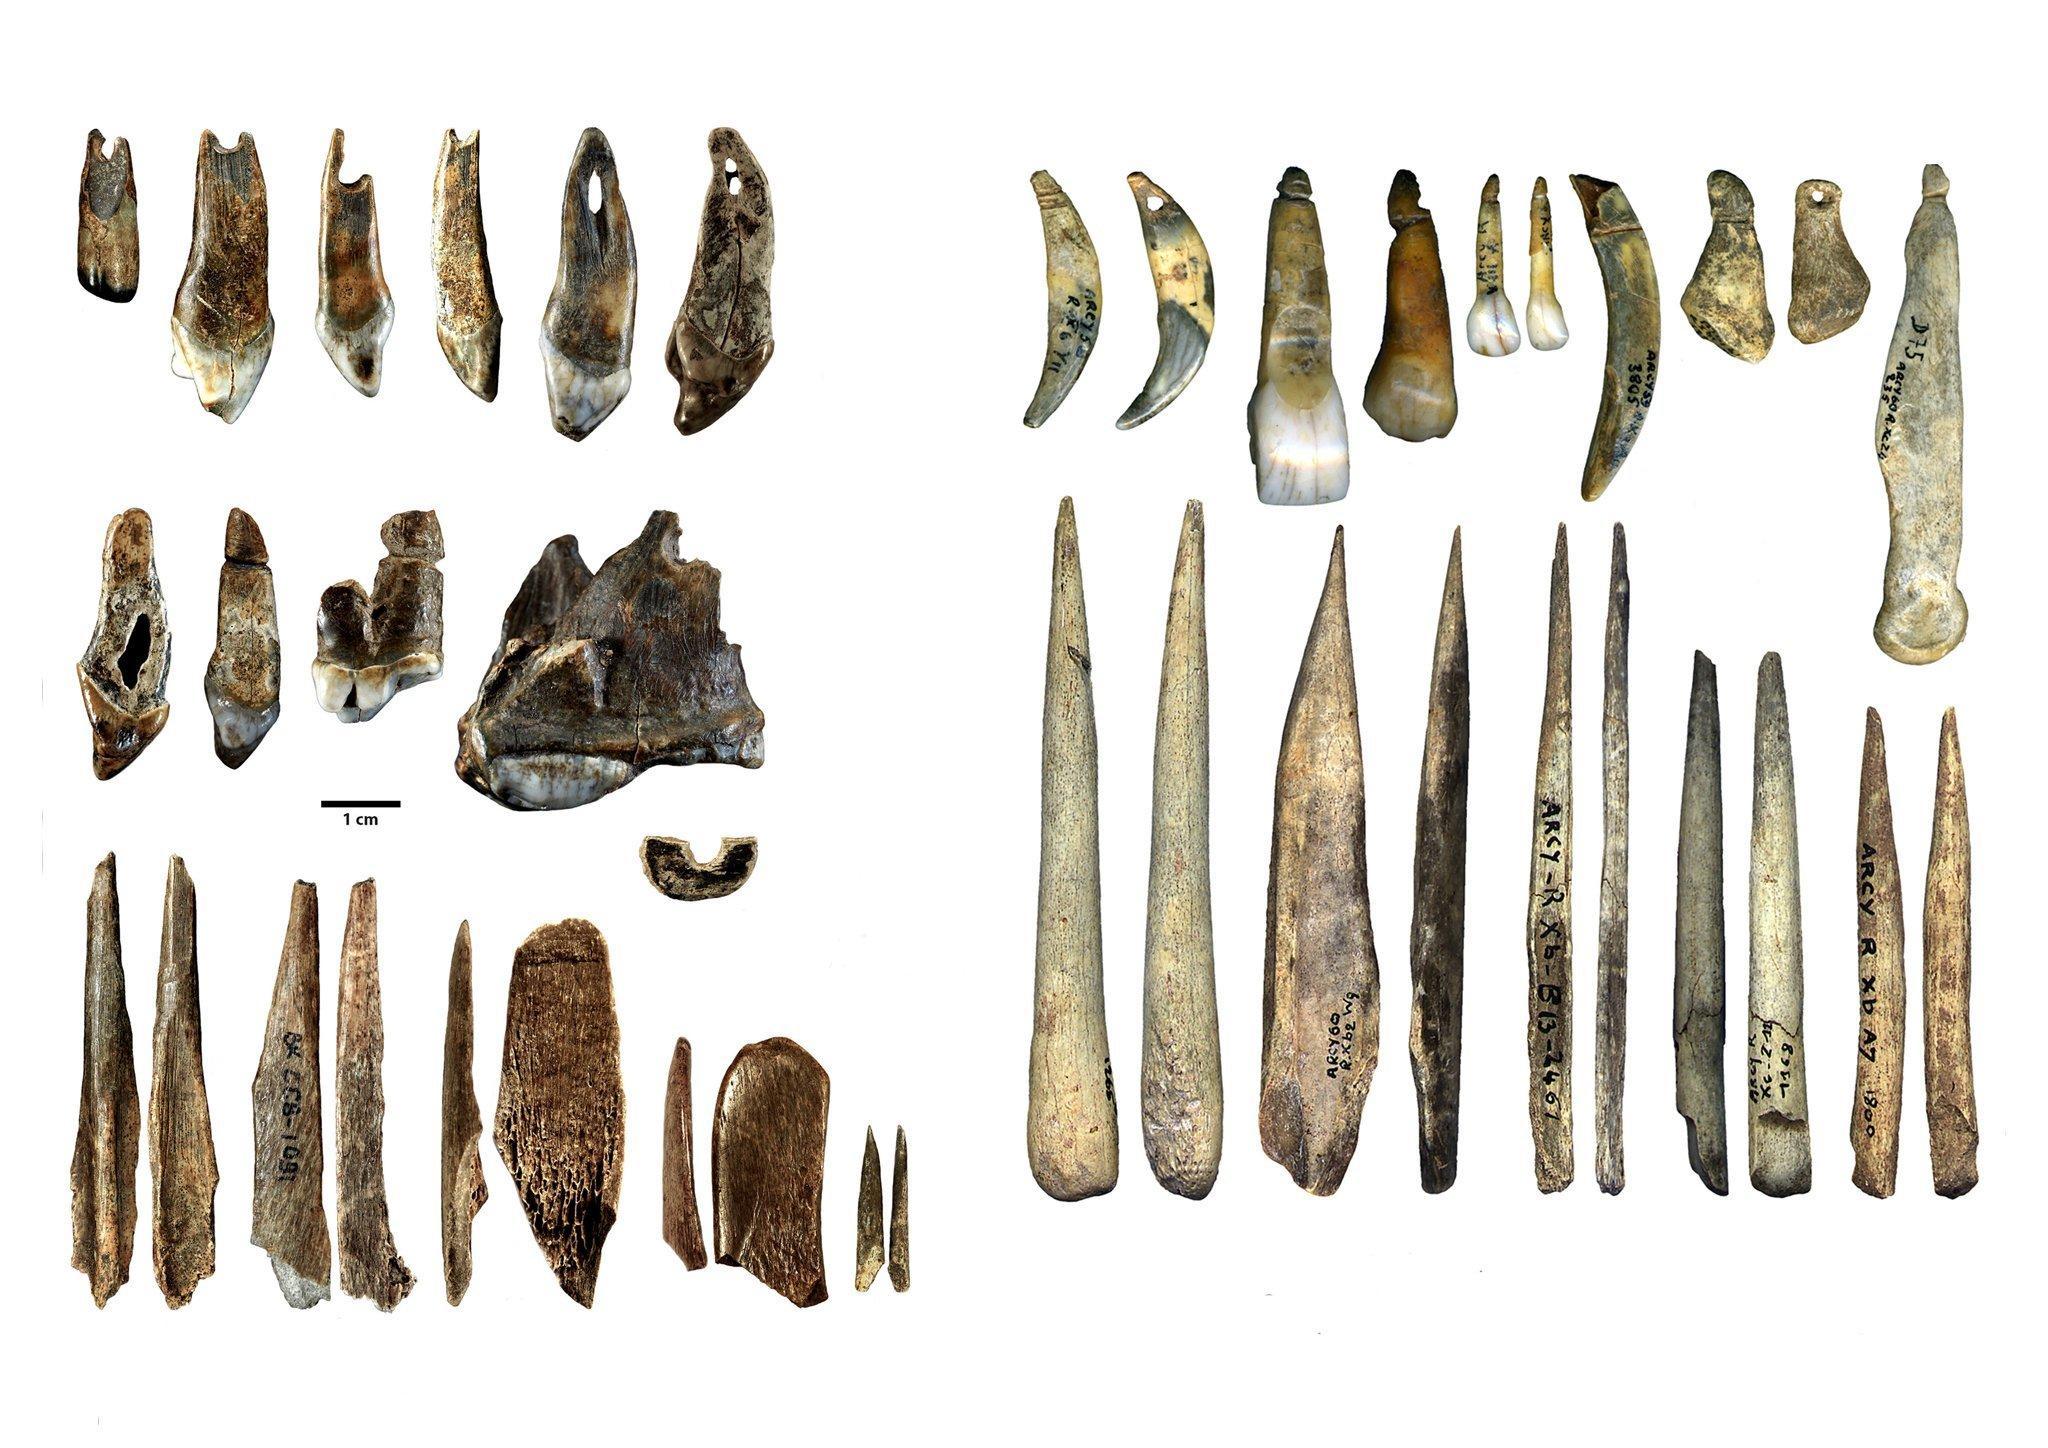 In der linken Bildhälfte sind in drei Reihen übereinander längliche Knochenwerkzeuge sowie kleine Schmuckgegenstände, etwa durchlochte Tierzähne, zu sehen. Sie stammen aus der Bacho-Kiro-Höhle, sind rund 45.000Jahre alt und wurden von modernen Menschen gefertigt. In der Grotte du Renne in Frankreich fanden sich ganz ähnliche Knochengeräte und Schmuckgegenstände, die auf der rechten Seite des Bildes in zwei Reihen übereinander zu sehen sind. Sie sind einige Jahrtausende jünger und dort lebten in jener Zeit Neandertaler. Die Forscher vermuten daher, dass die Neandertaler diese Kultur vom Homo sapiens übernommen haben.